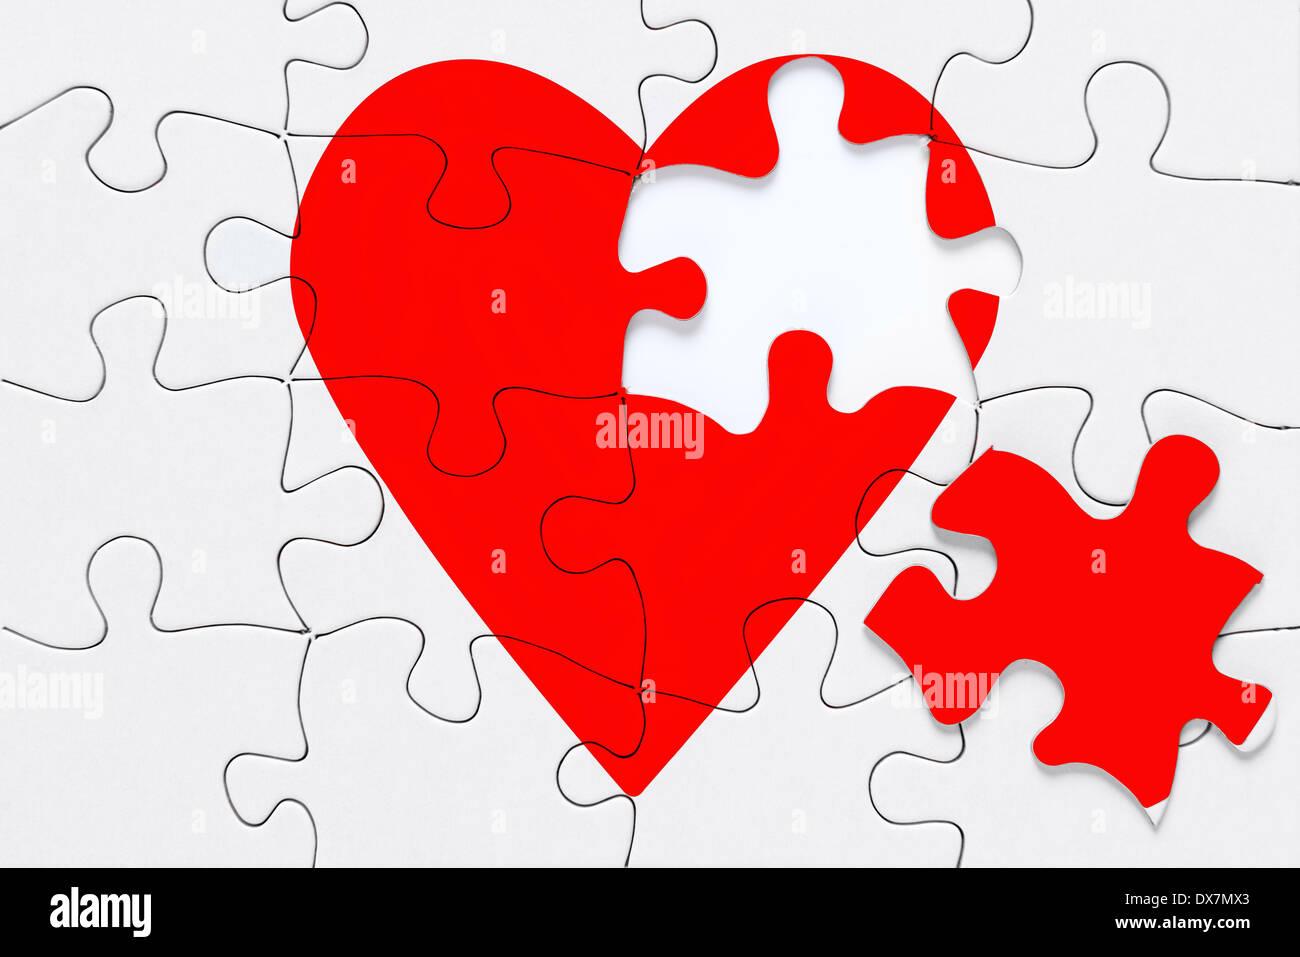 Un cœur rouge puzzle avec un morceau sur le côté, bonne image pour un coeur brisé, l'amour, la romance et Valentine thèmes. Photo Stock